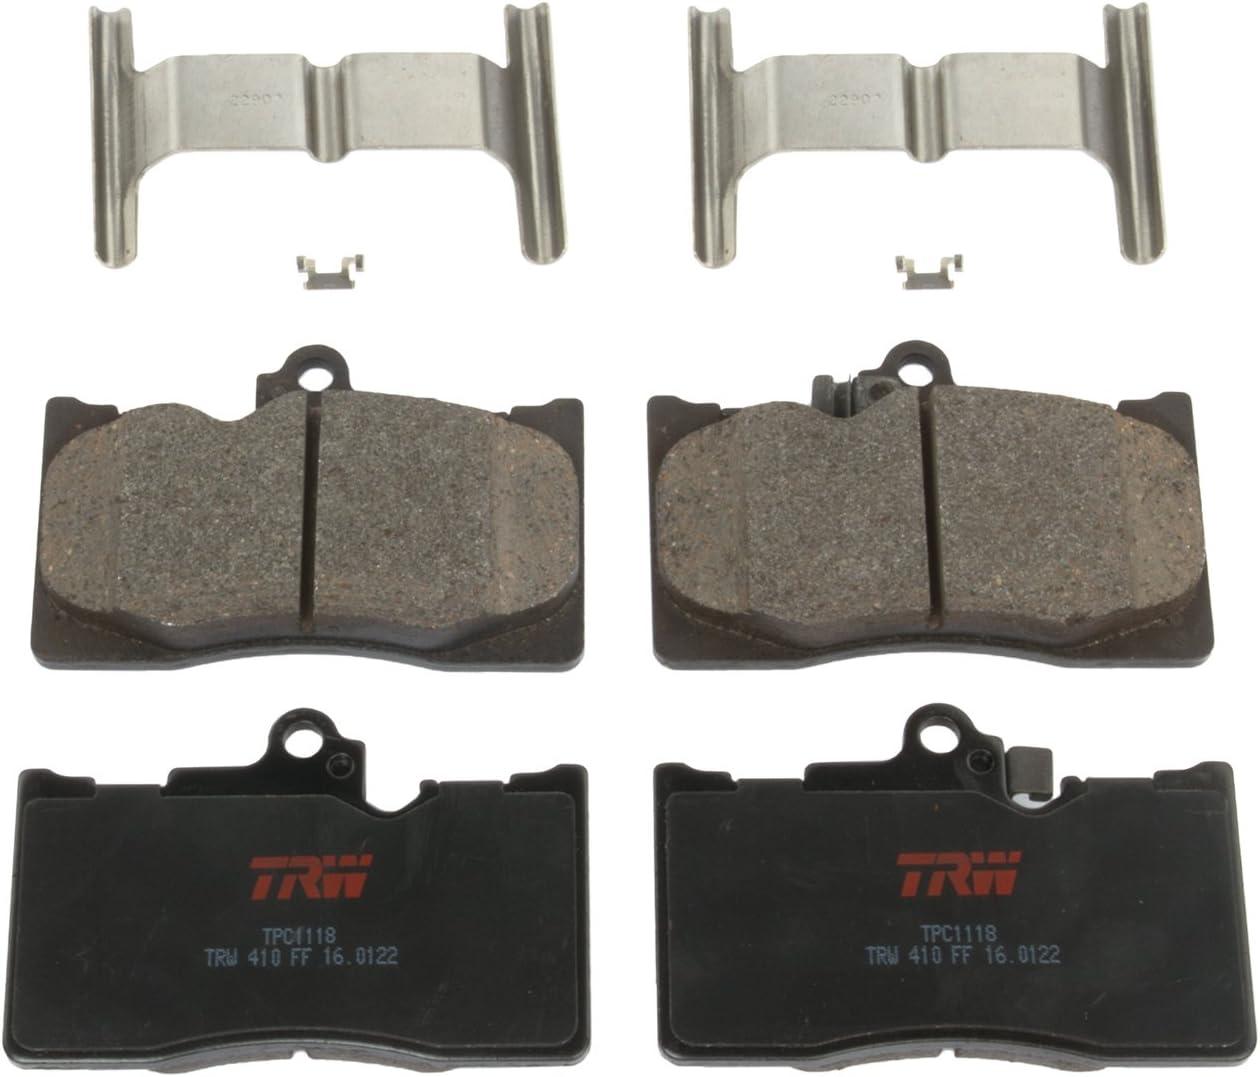 TRW TPC1184 Premium Ceramic Front Disc Brake Pad Set TRW Automotive